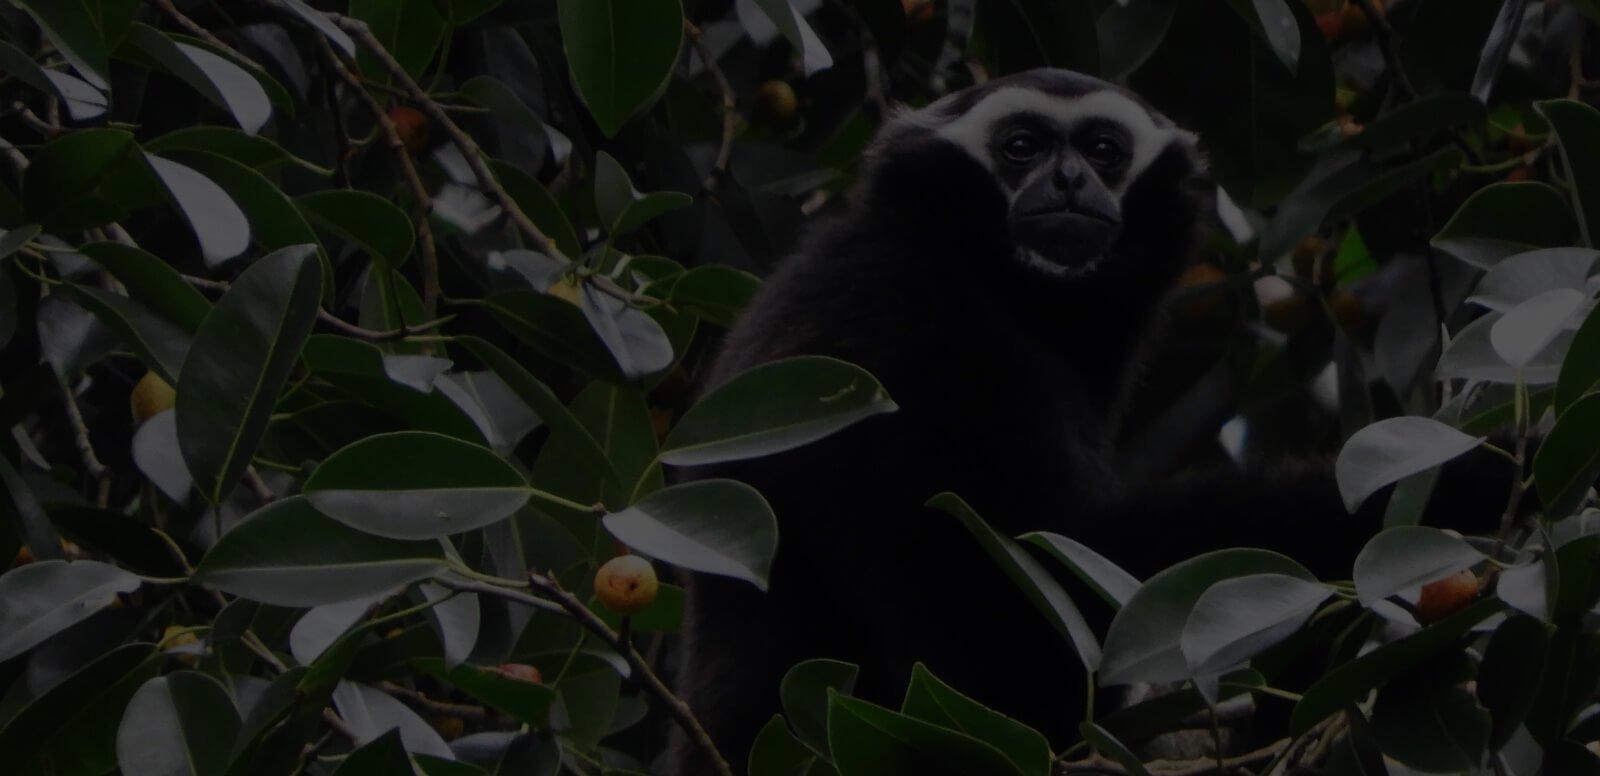 White_handed_Gibbon_Pileated_Gibbon.jpg